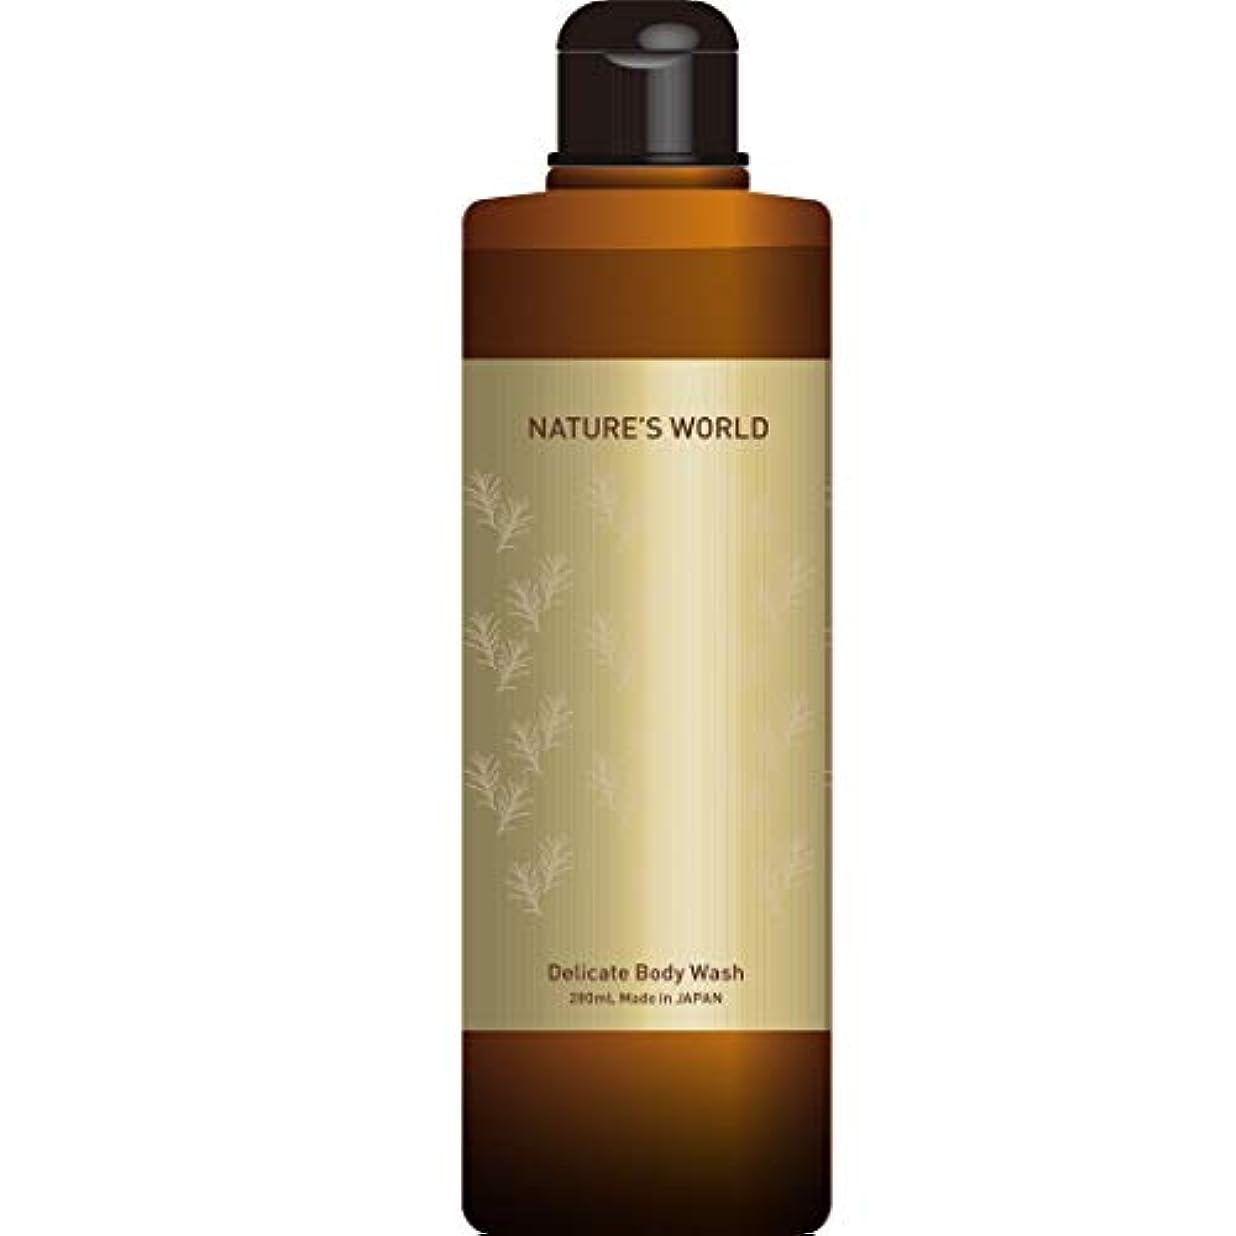 予測コイル示すNATURE'S WORLD(ネイチャーズワールド) Nature's World デリケートボディソープ シトラスフローラルの香り 280ml